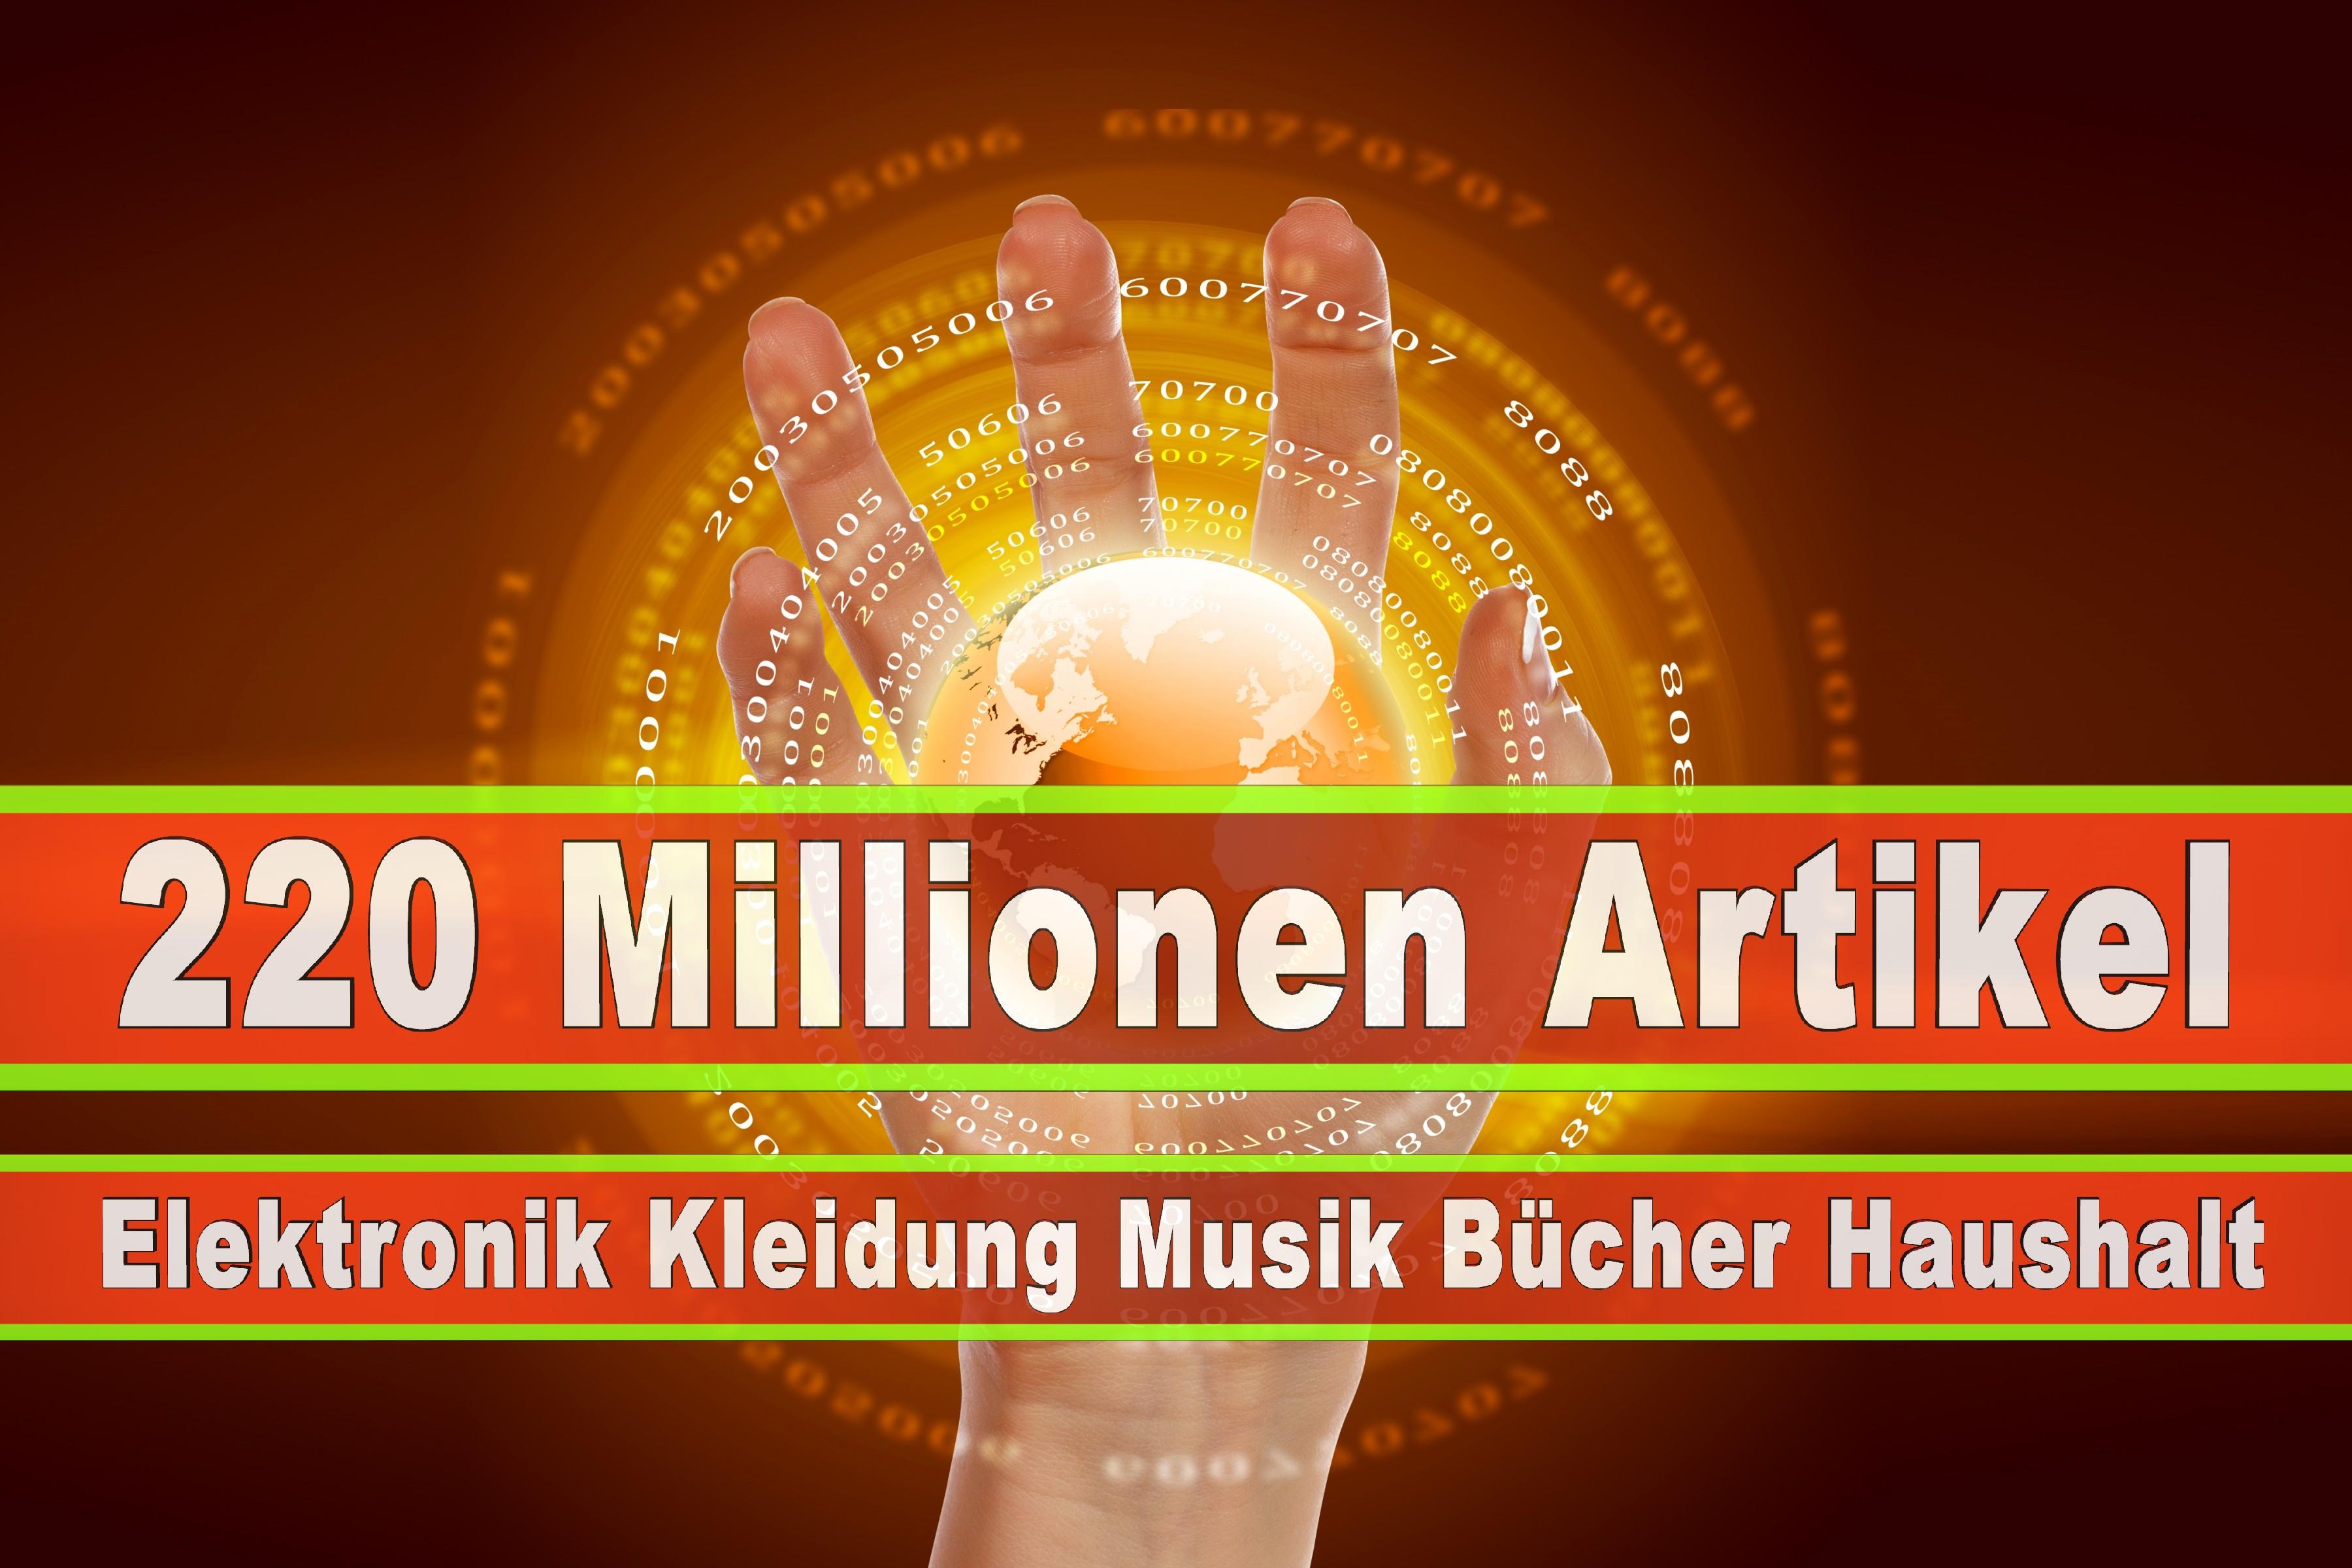 Amazon Elektronik Musik Haushalt Bücher CD DVD Handys Smartphones TV Television Fernseher Kleidung Mode Ebay Versandhaus (52)